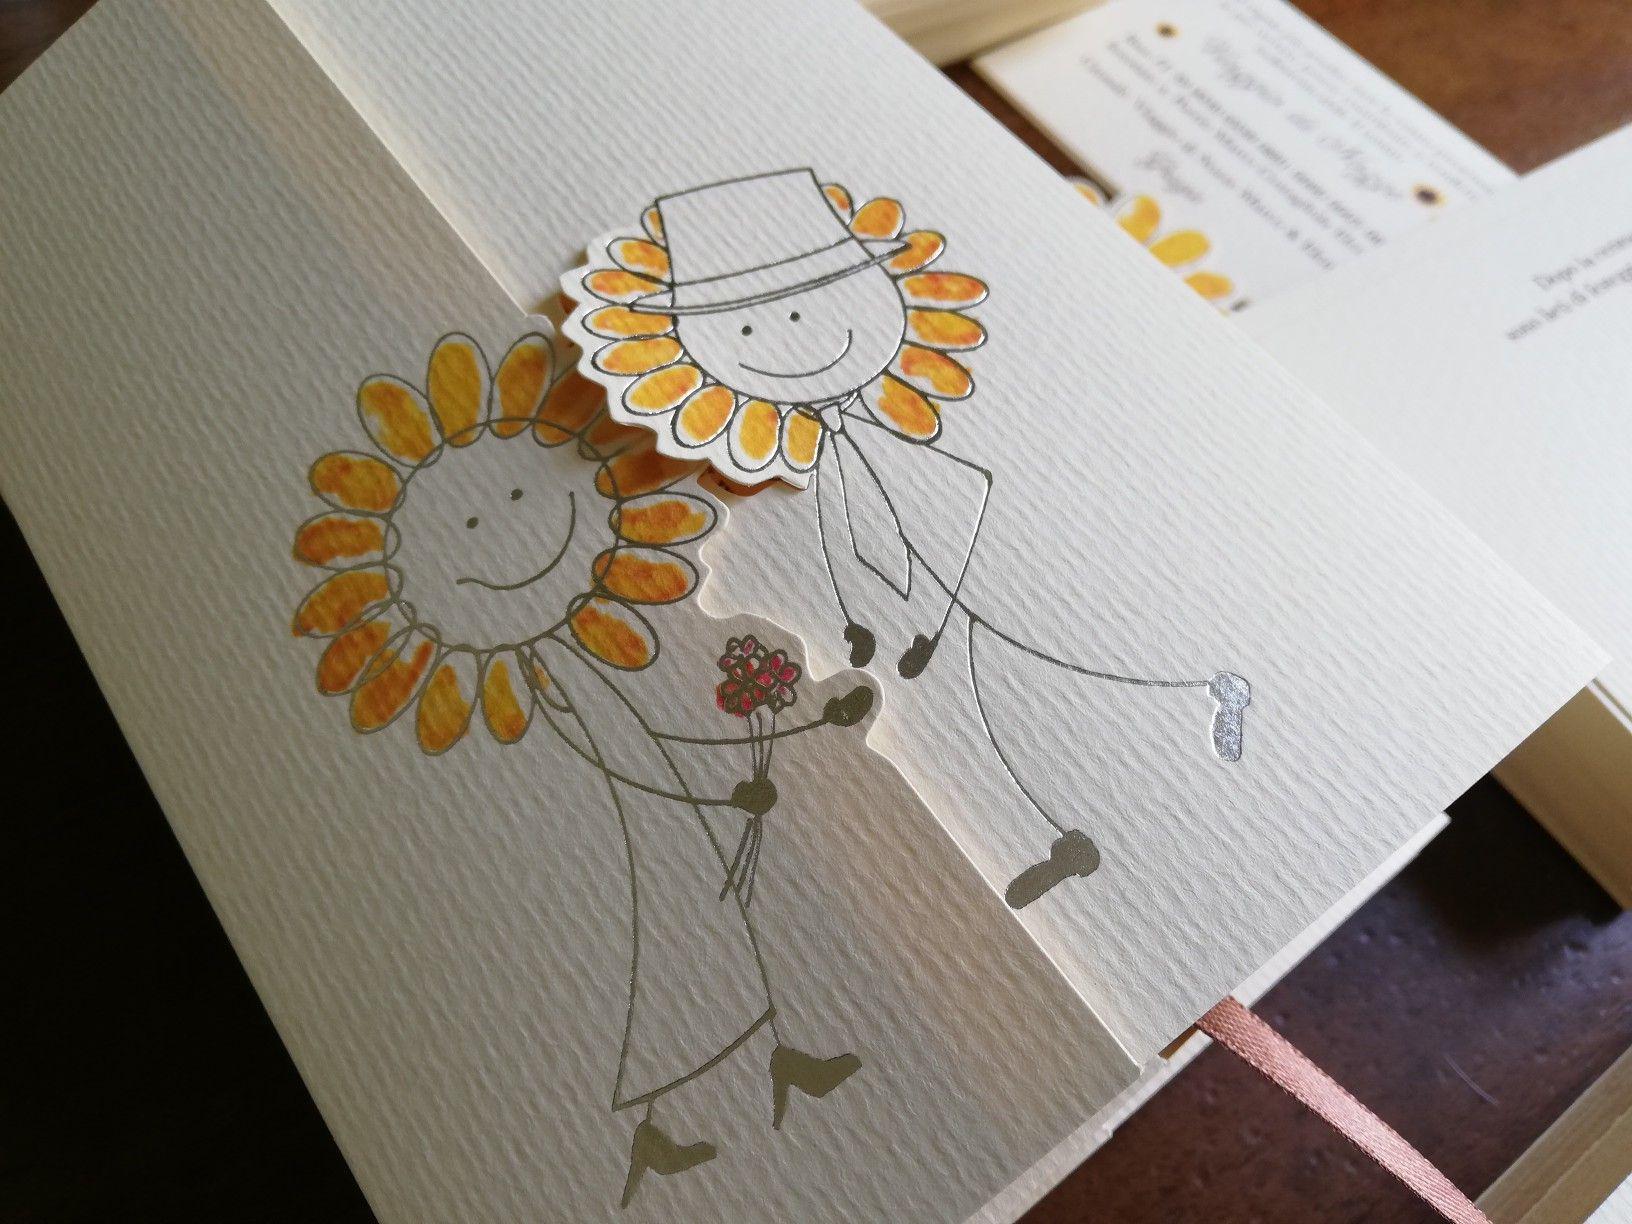 Partecipazioni Matrimonio Con Girasoli : Partecipazioni di nozze con girasoli chiusura ad incastro e